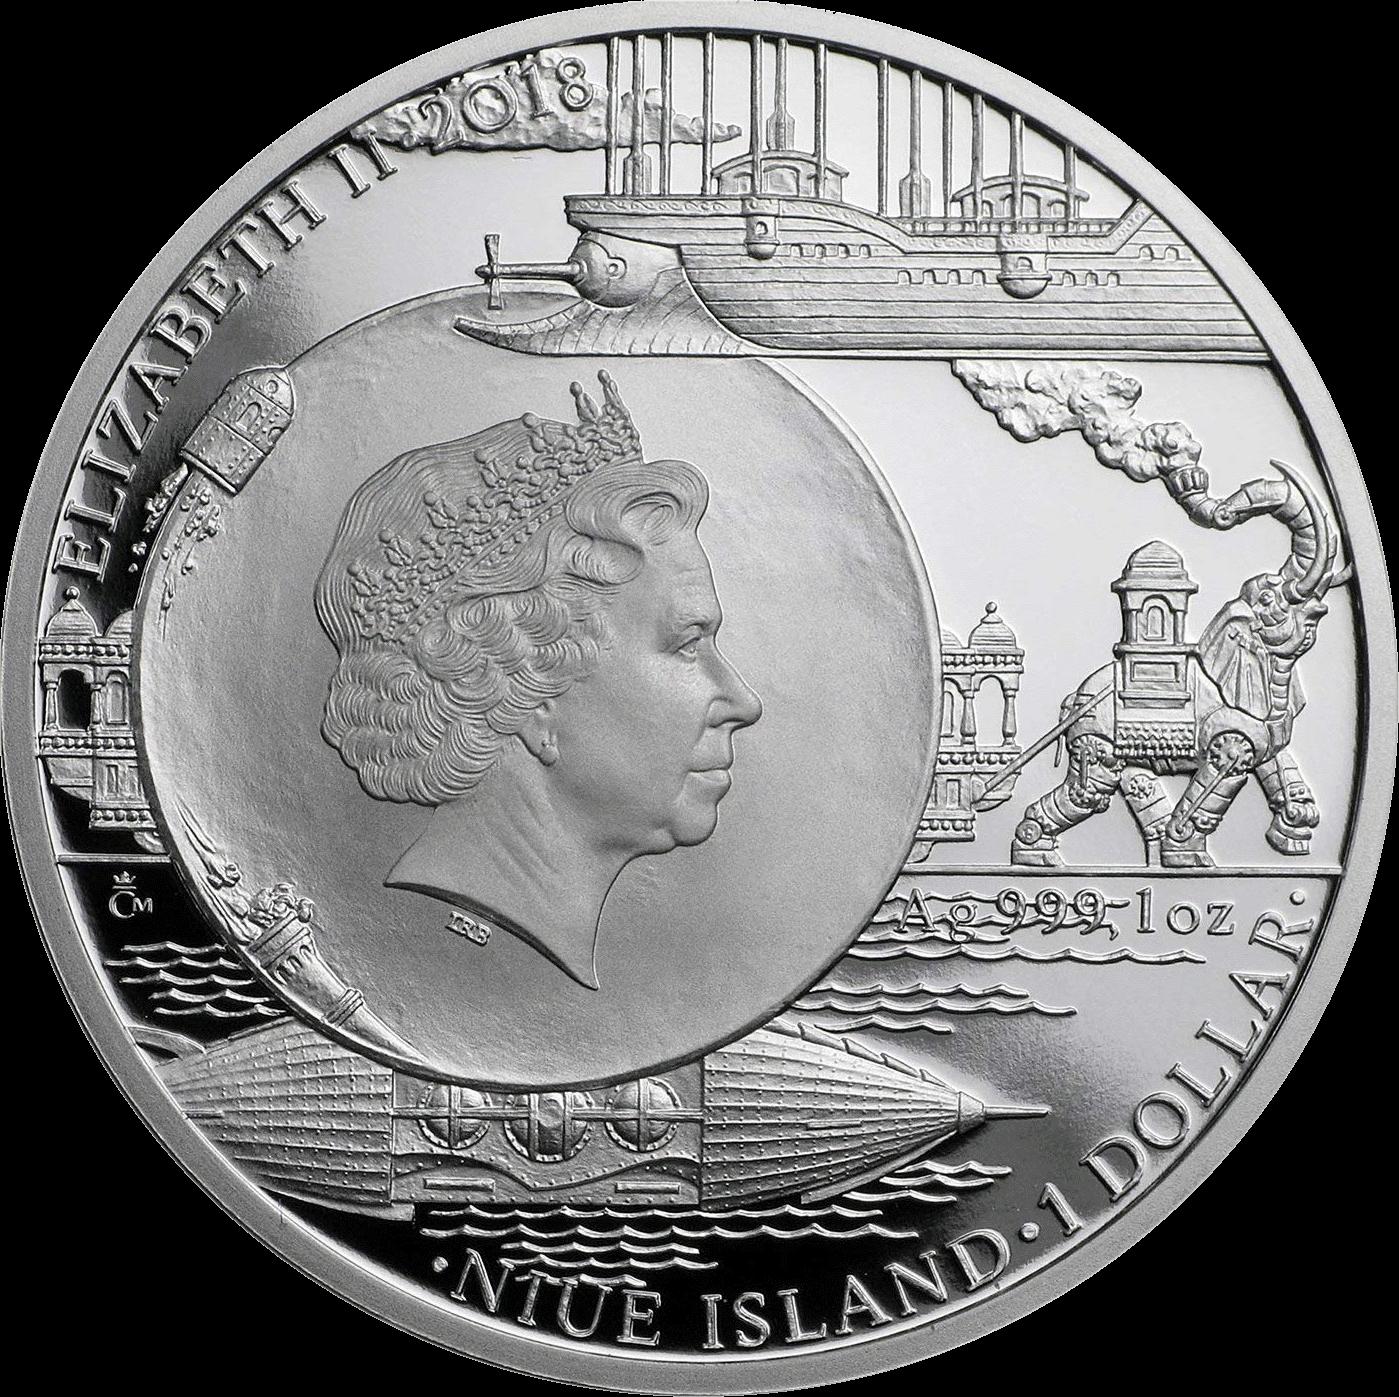 Ниуэ монета 1 доллар серия Фантастический мир Жюля Верна 2018, аверс